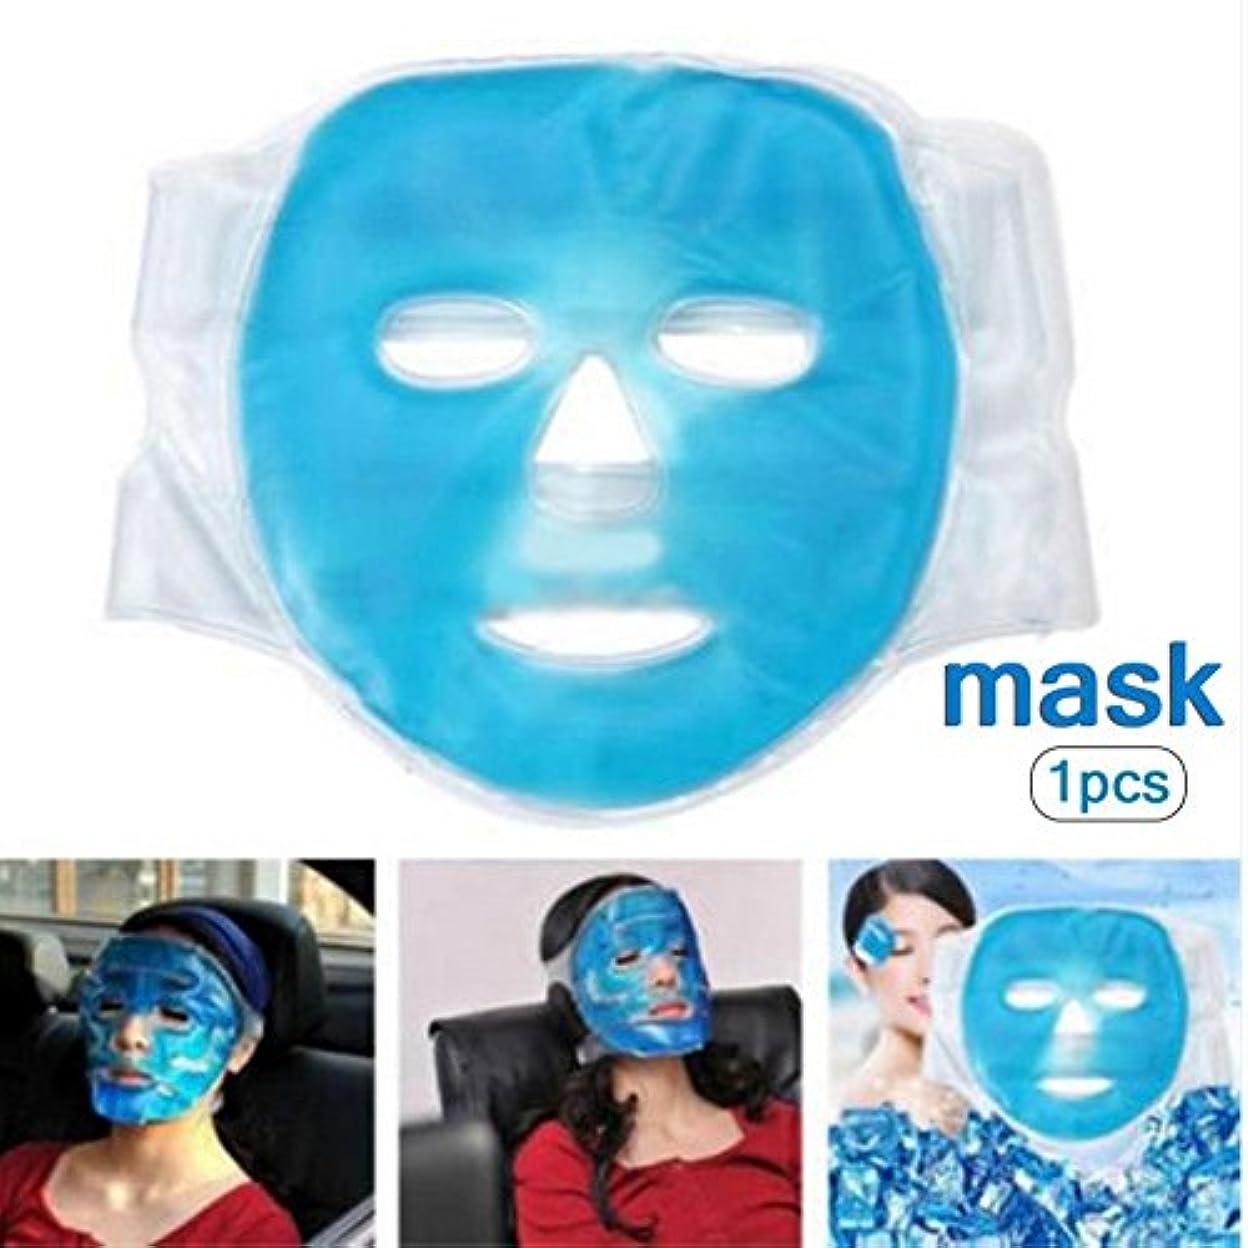 導体球体場合フェイスマスク 冷却マスク 美容マスク 冷温兼用 美容用 再利用可能 理学療法 毛細血管収縮 毛穴収縮 睡眠冷却 疲労緩和 肌ケア 保湿 吸収しやすい コールドパックホットパック 美容マッサージ アイスマスク (ブルー)